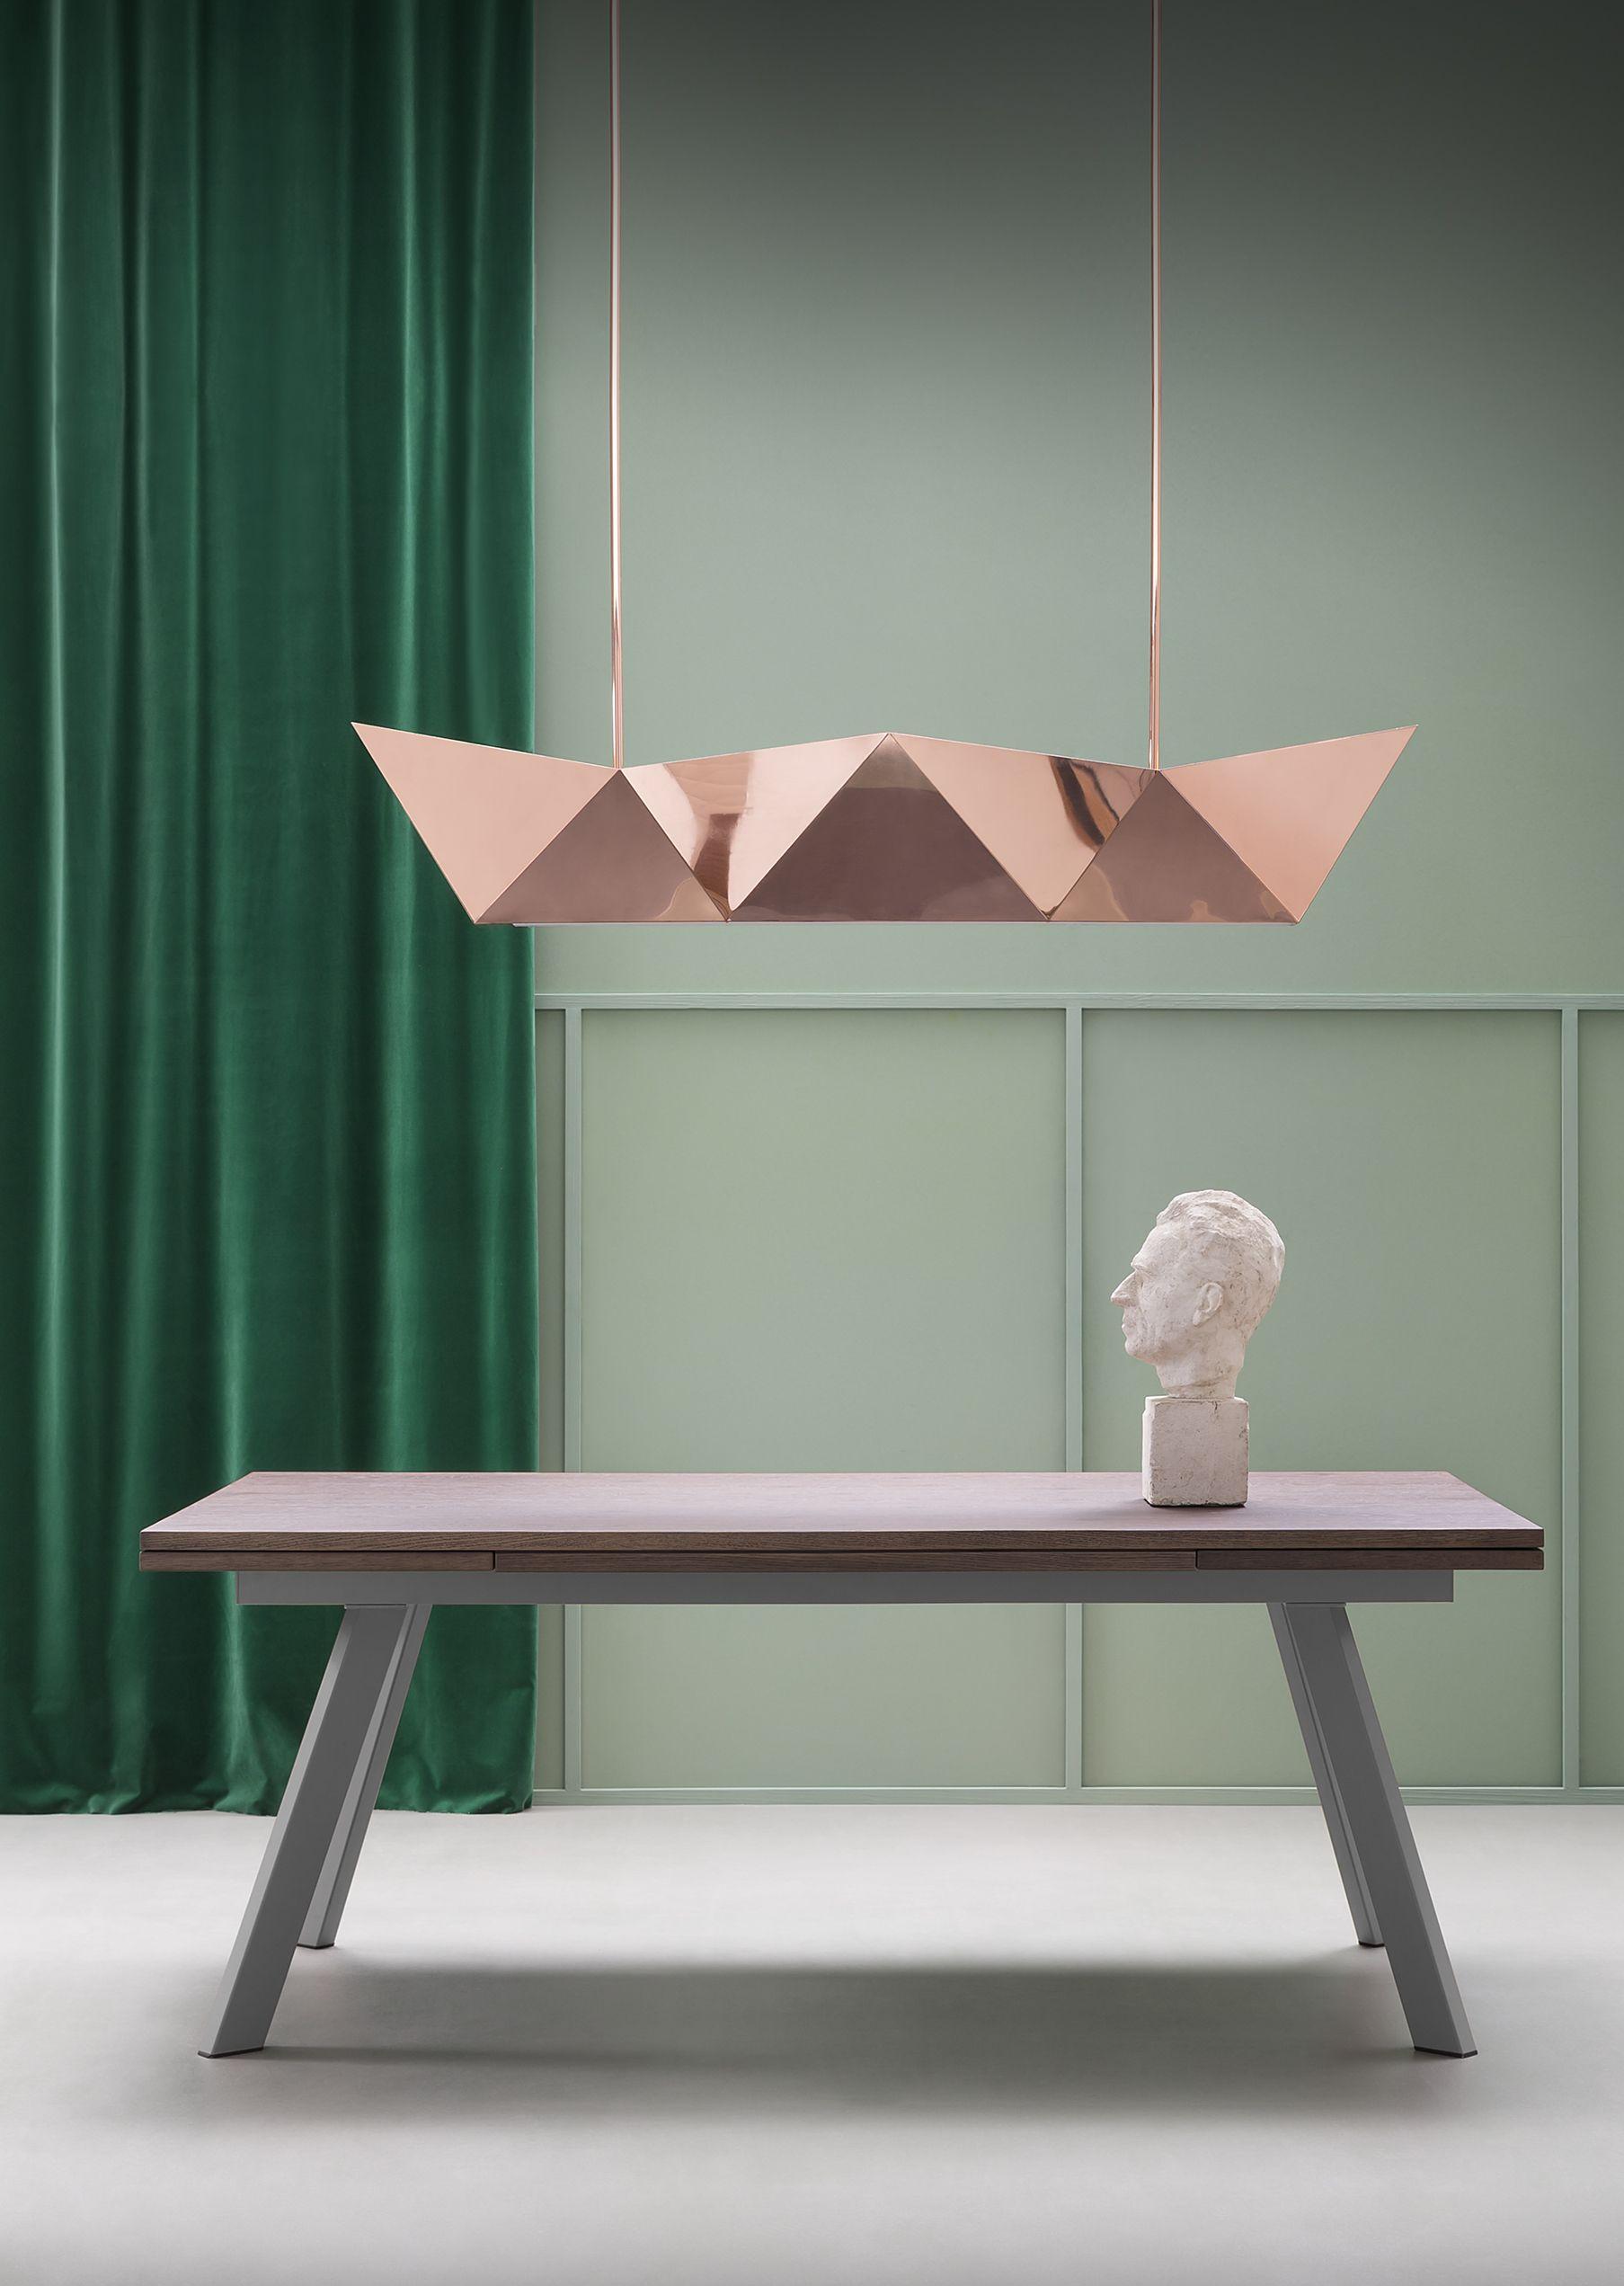 Pin von florian staudinger auf ideen georgiana design m bel und design lampen - Raumgestaltung schlafzimmer farben ...